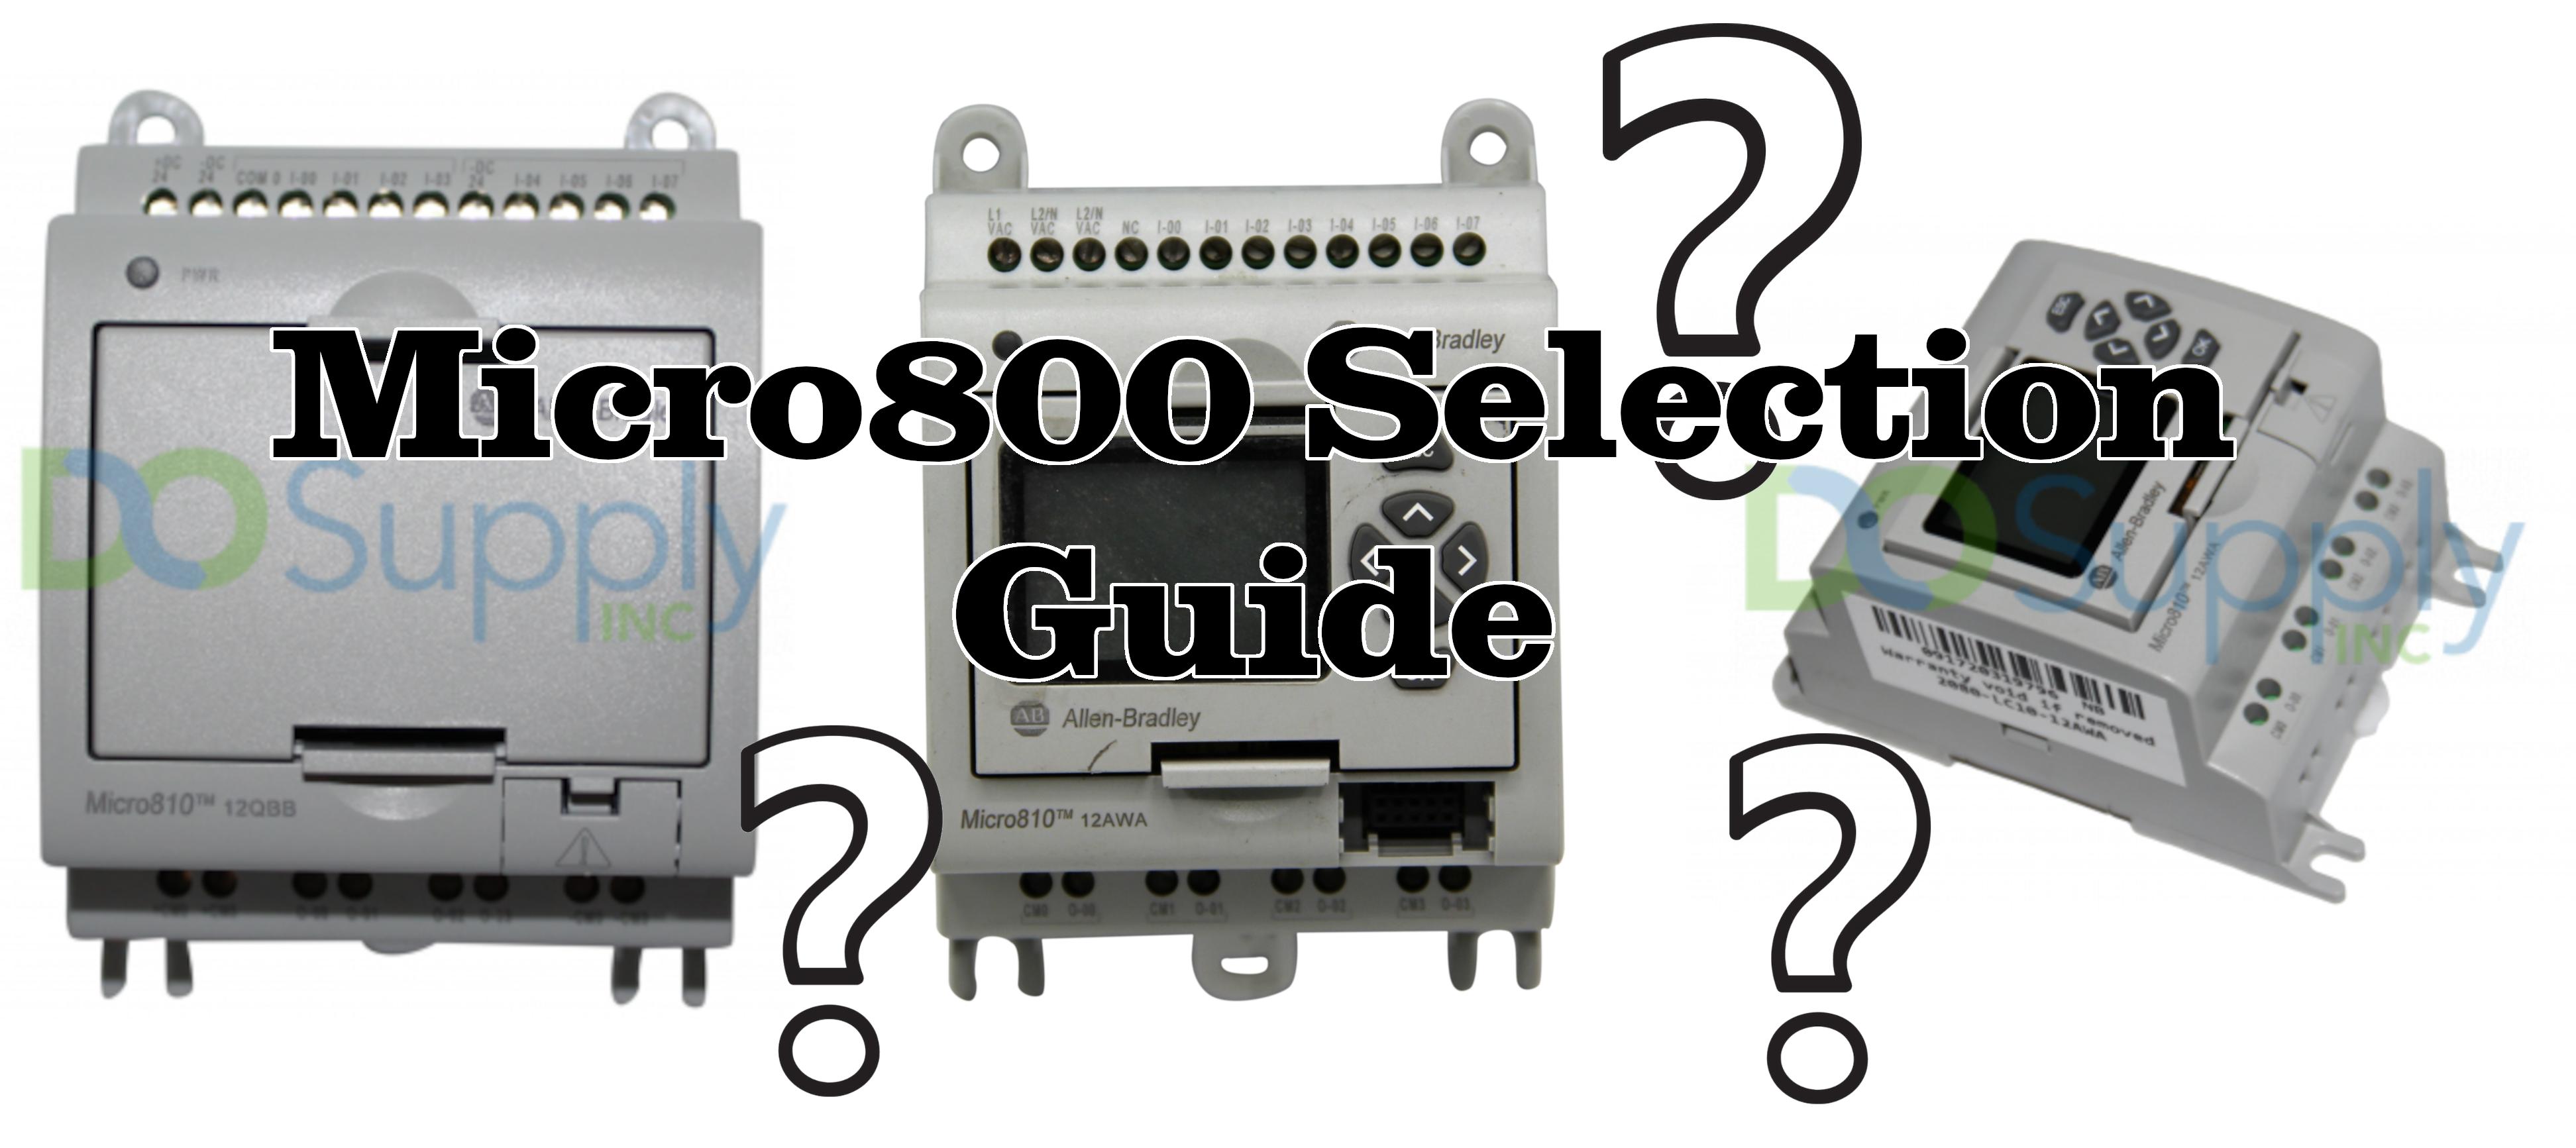 Hardware Comparison: Micro800 Selection Guide